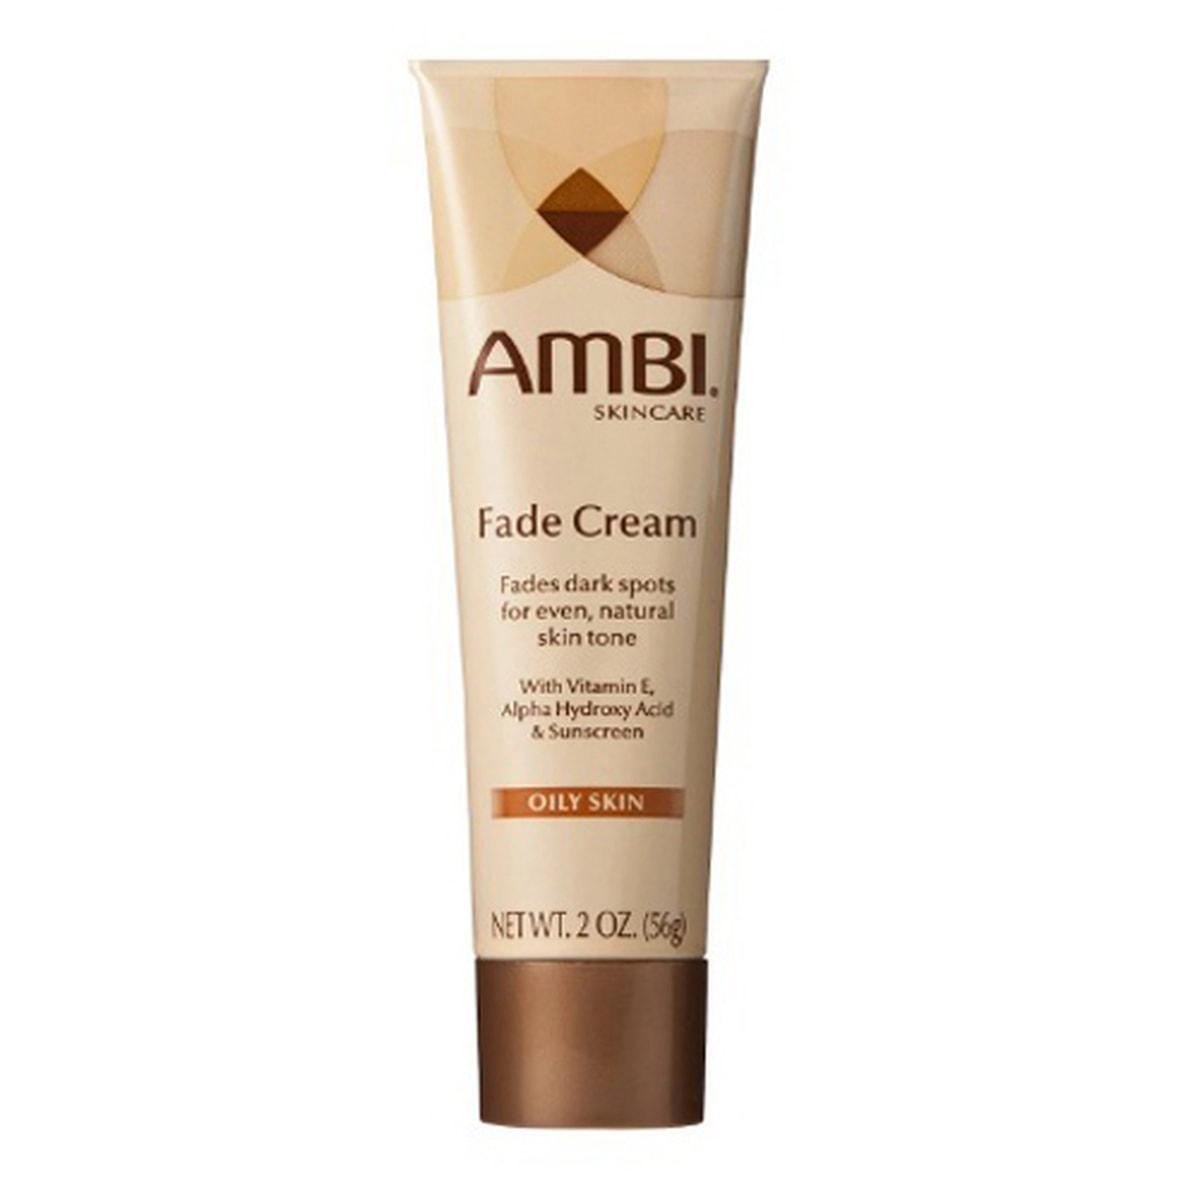 Ambi Fade Cream for Oily Skin